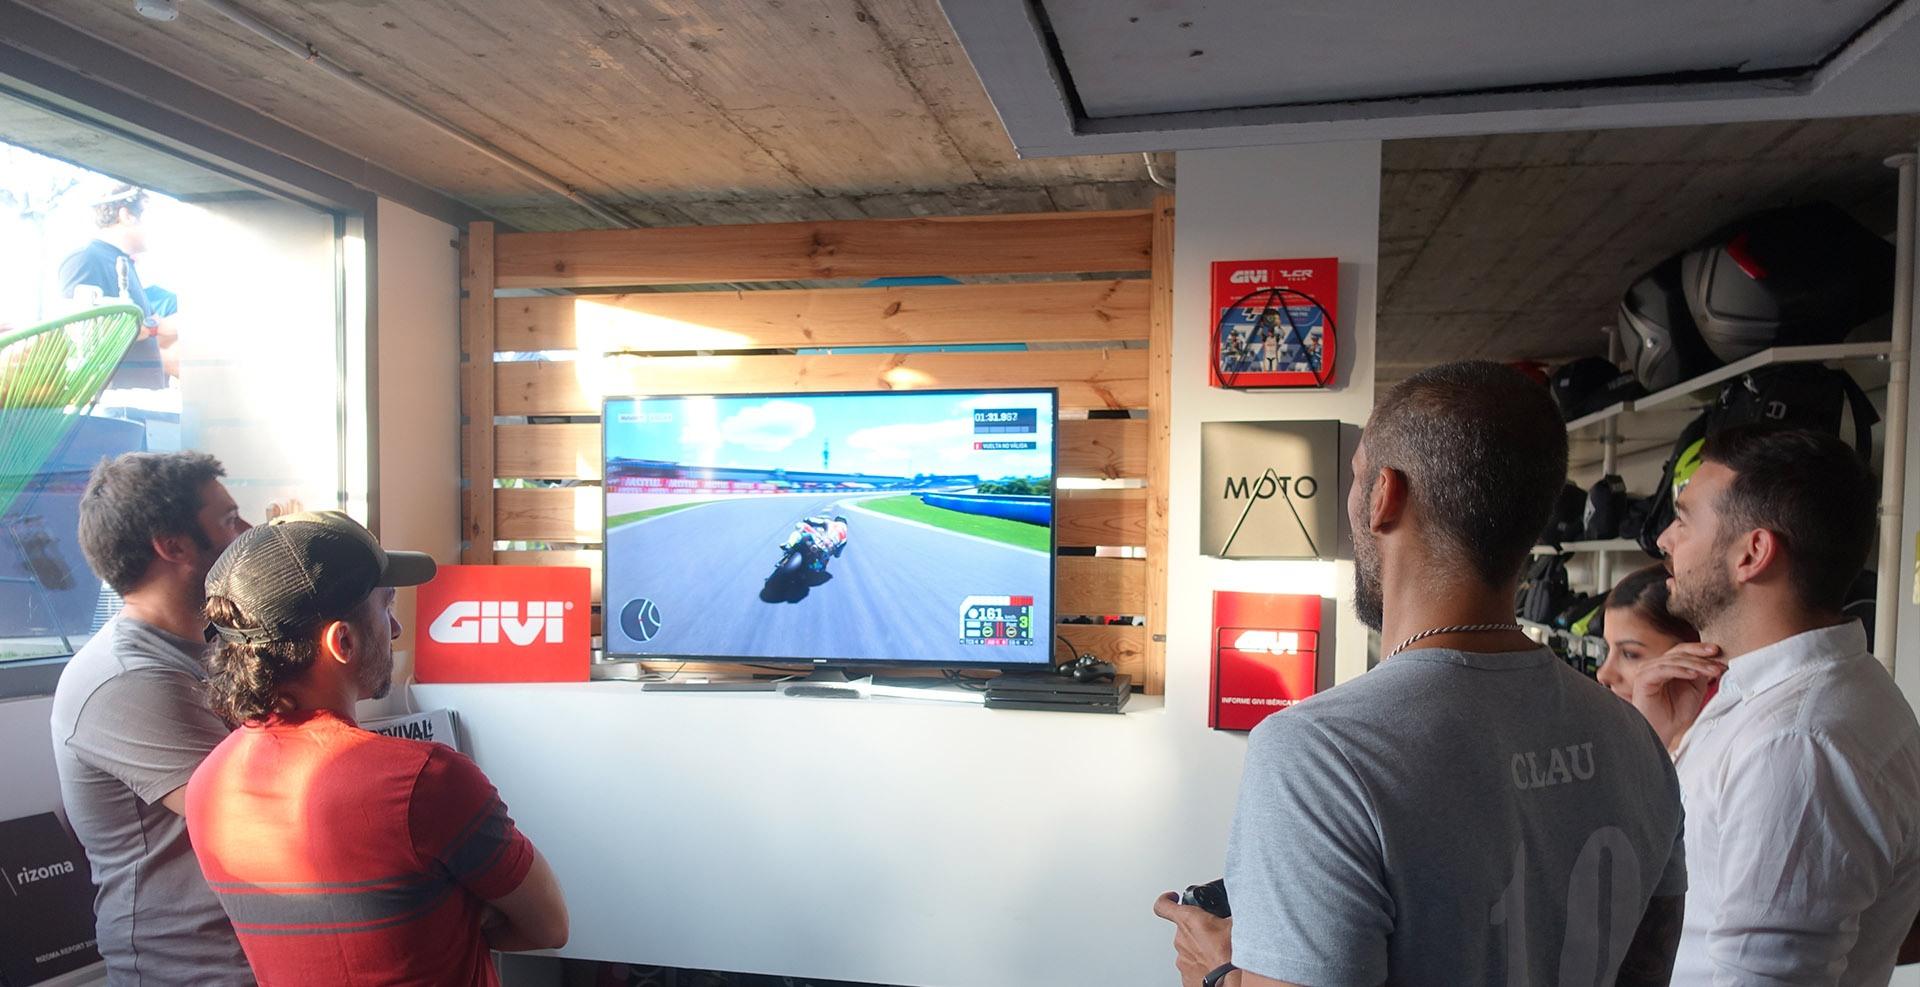 Periodistas especializados del sector moto jugando al videojuego de MotoGP en las oficinas de Medis Grupo